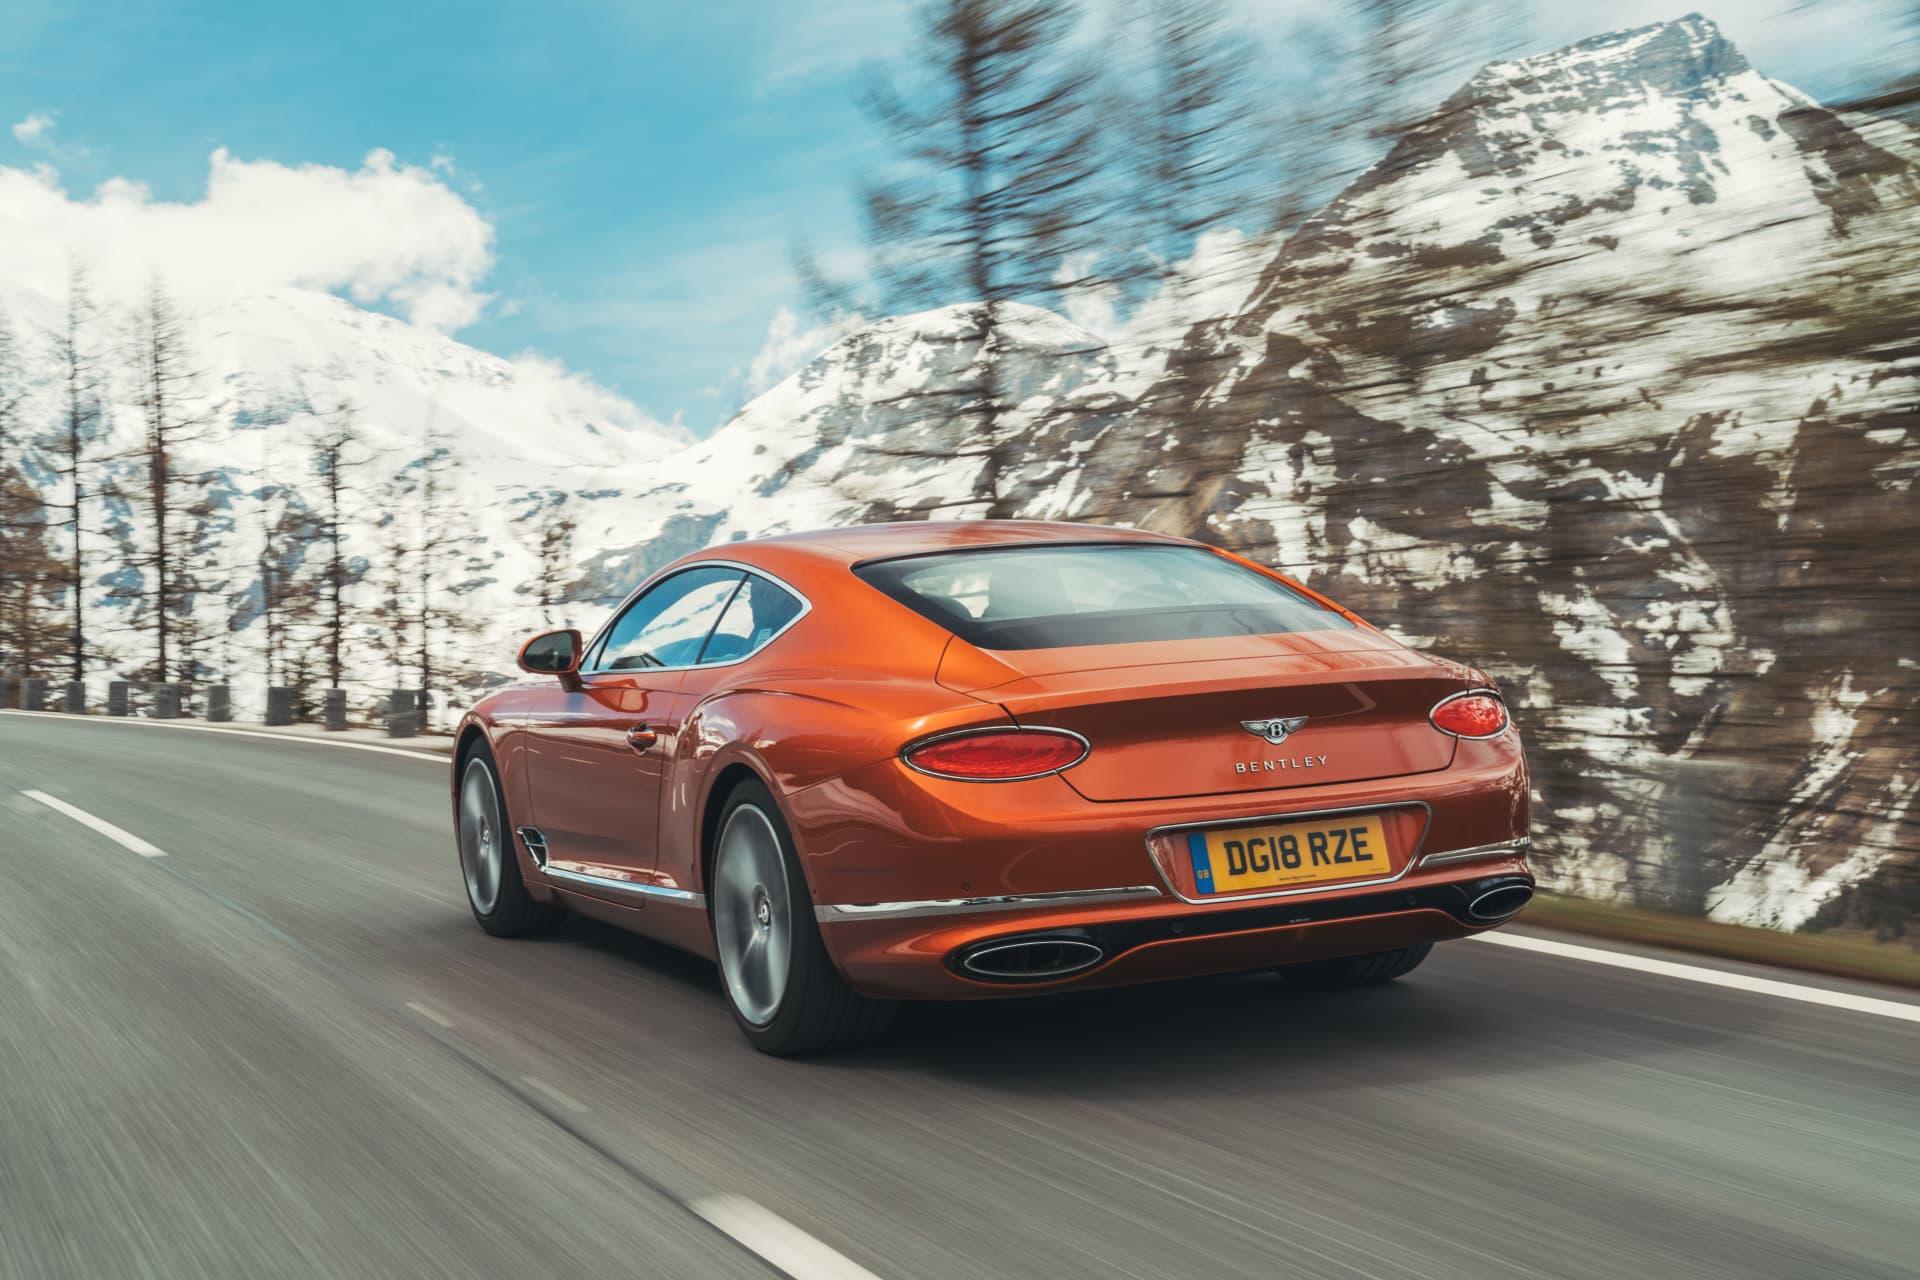 Bentley Continental Gt Orange Flame 13